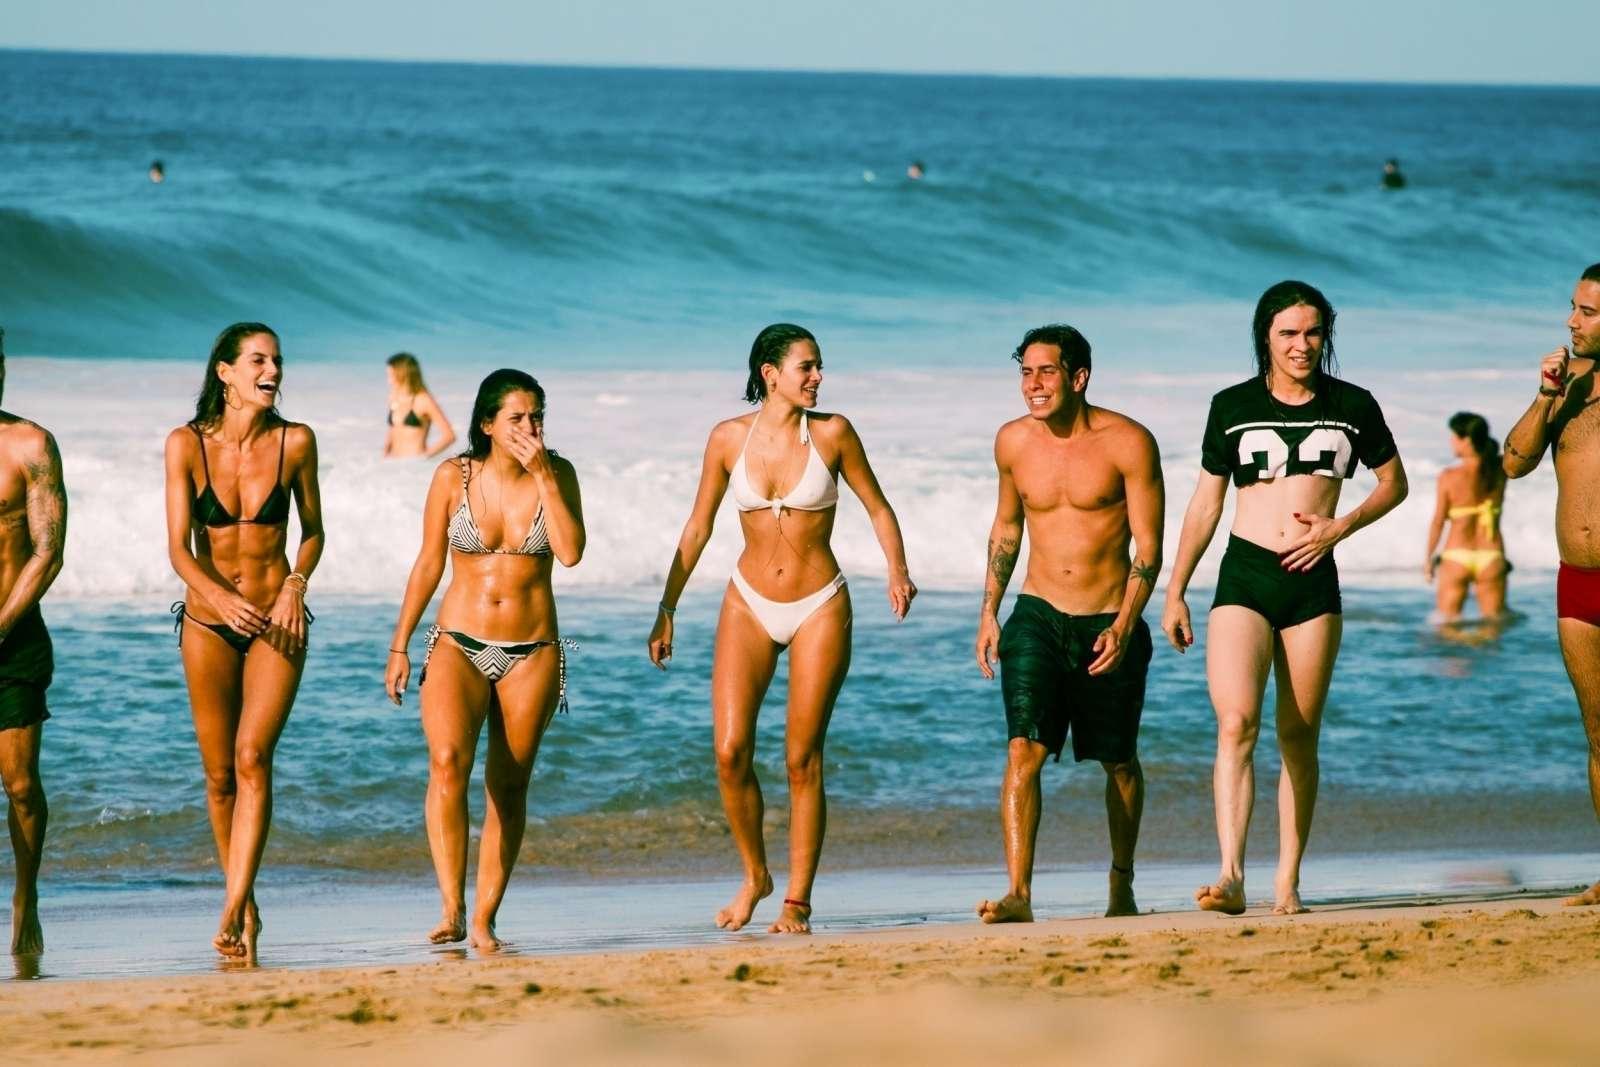 2019 Izabel Goulart naked (32 photo), Topless, Hot, Instagram, butt 2006